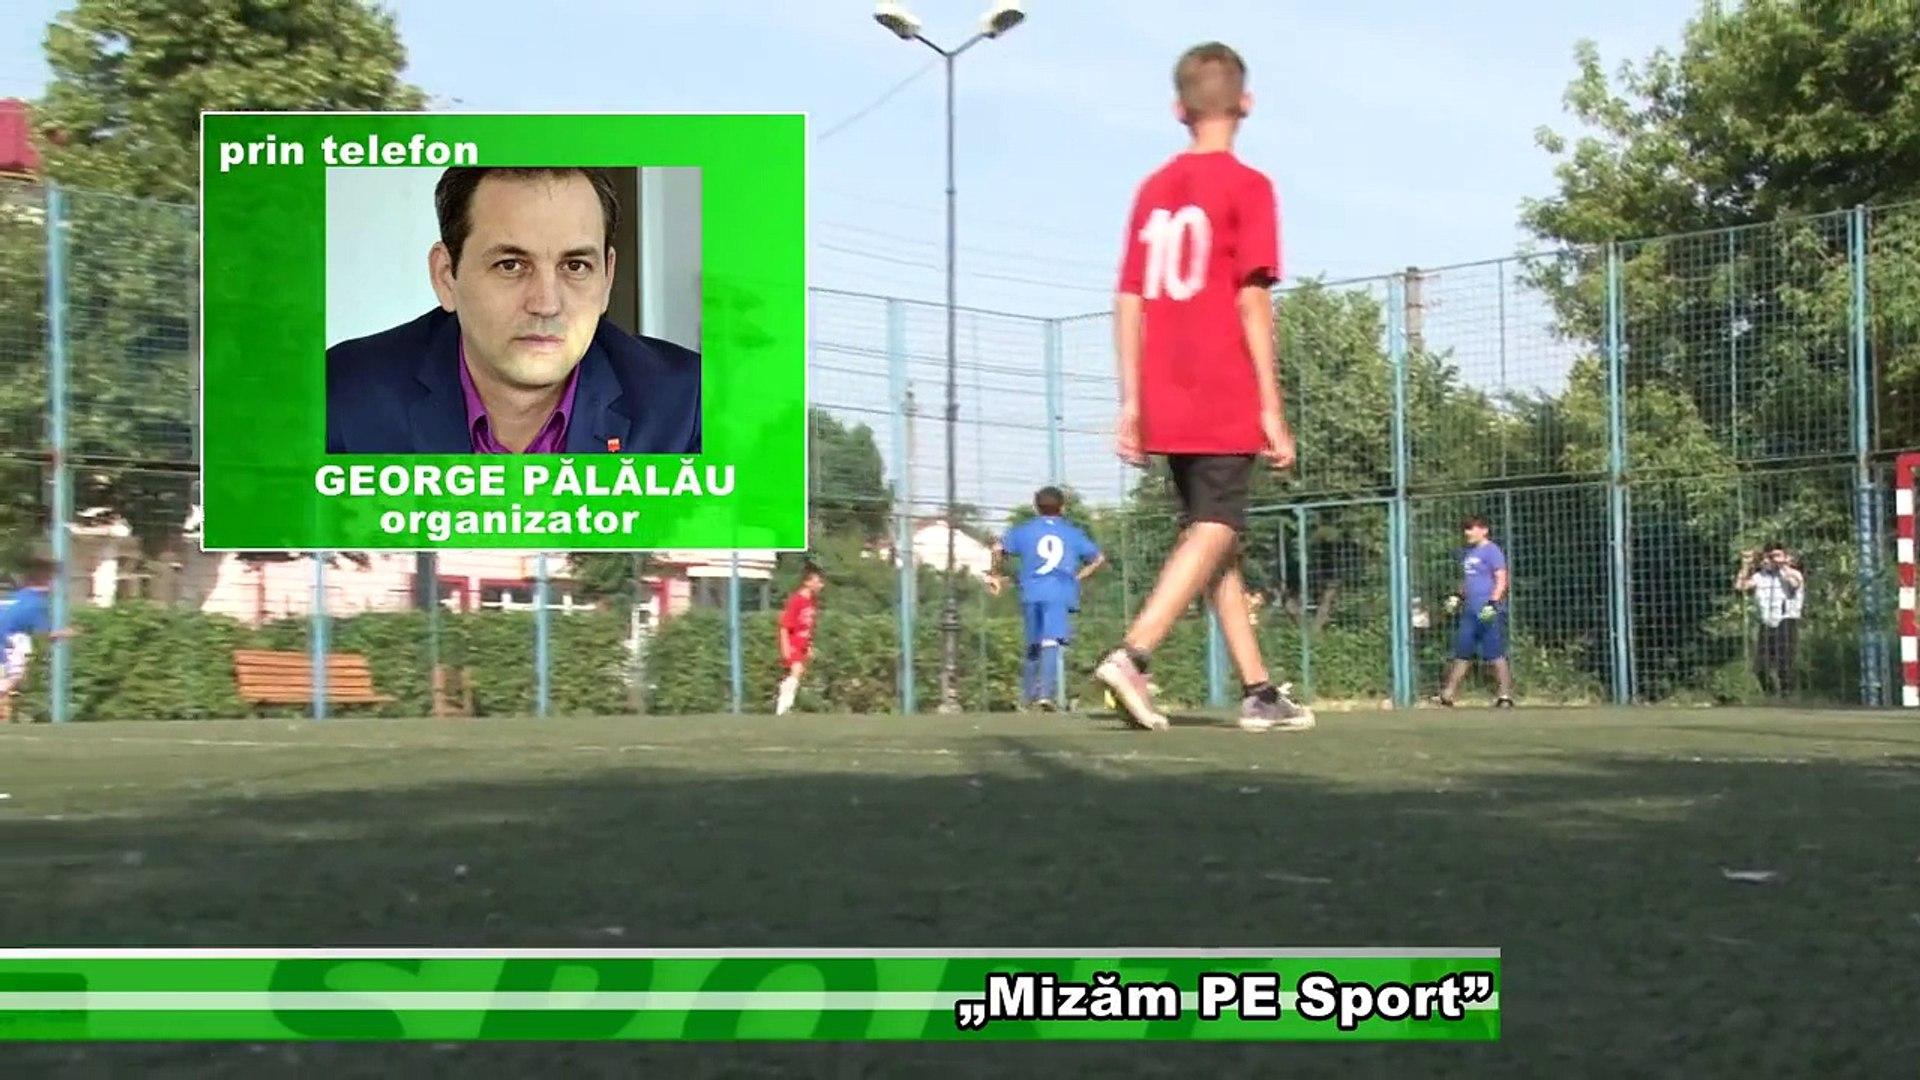 Mizăm PE SporT sport